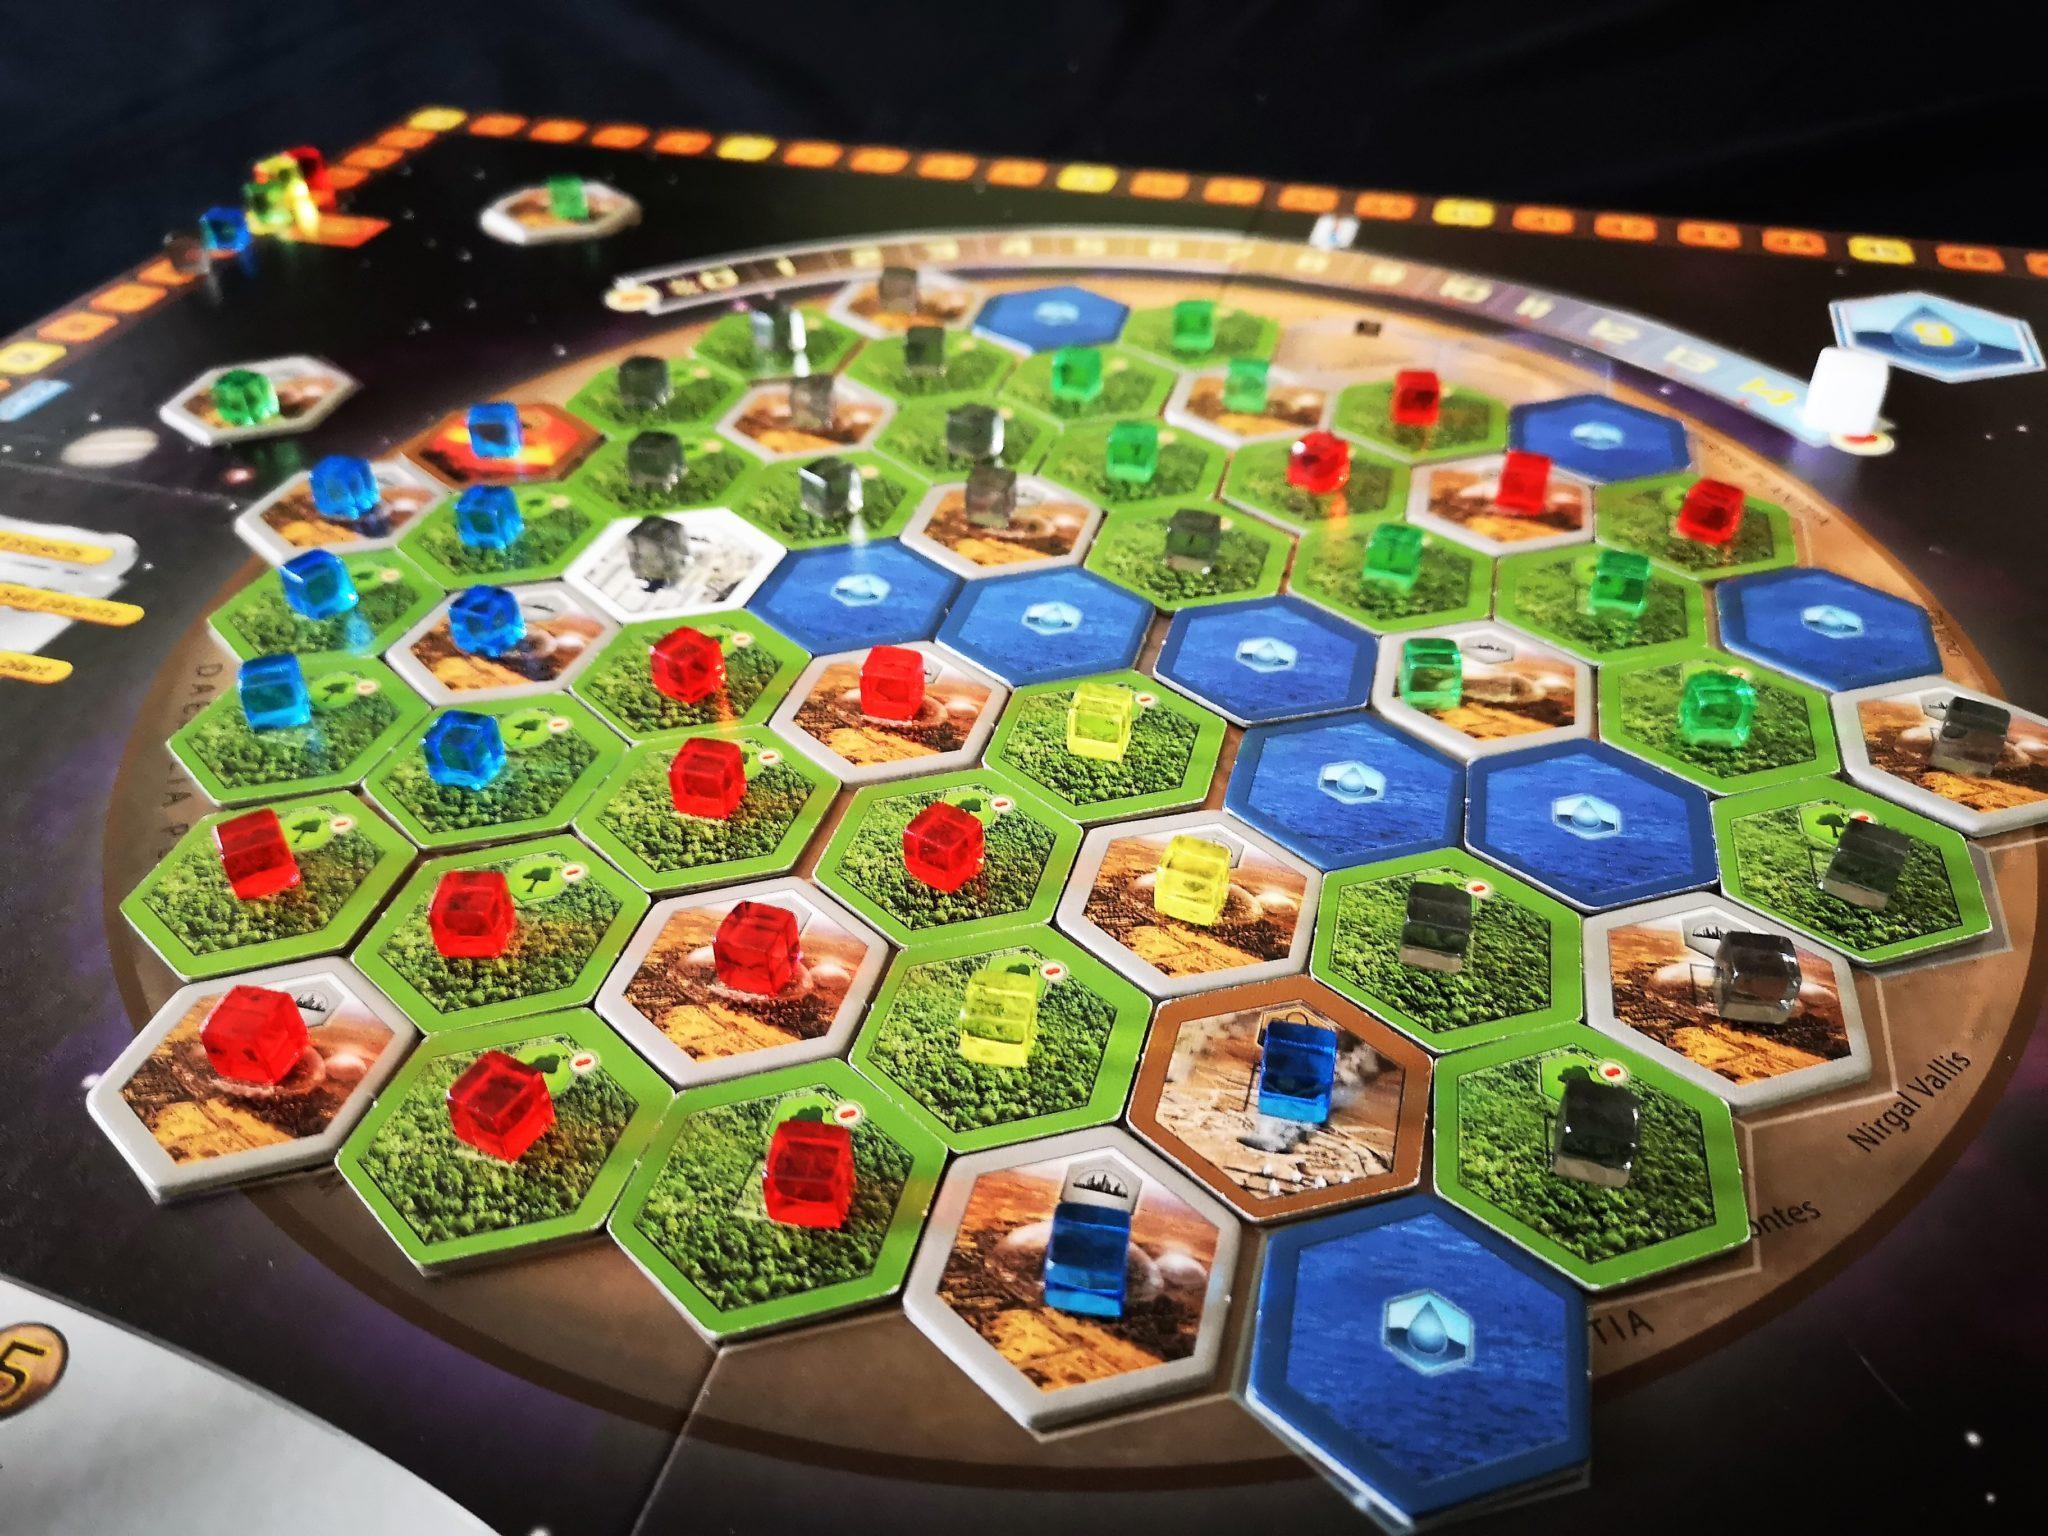 Full Terraforming Mars board